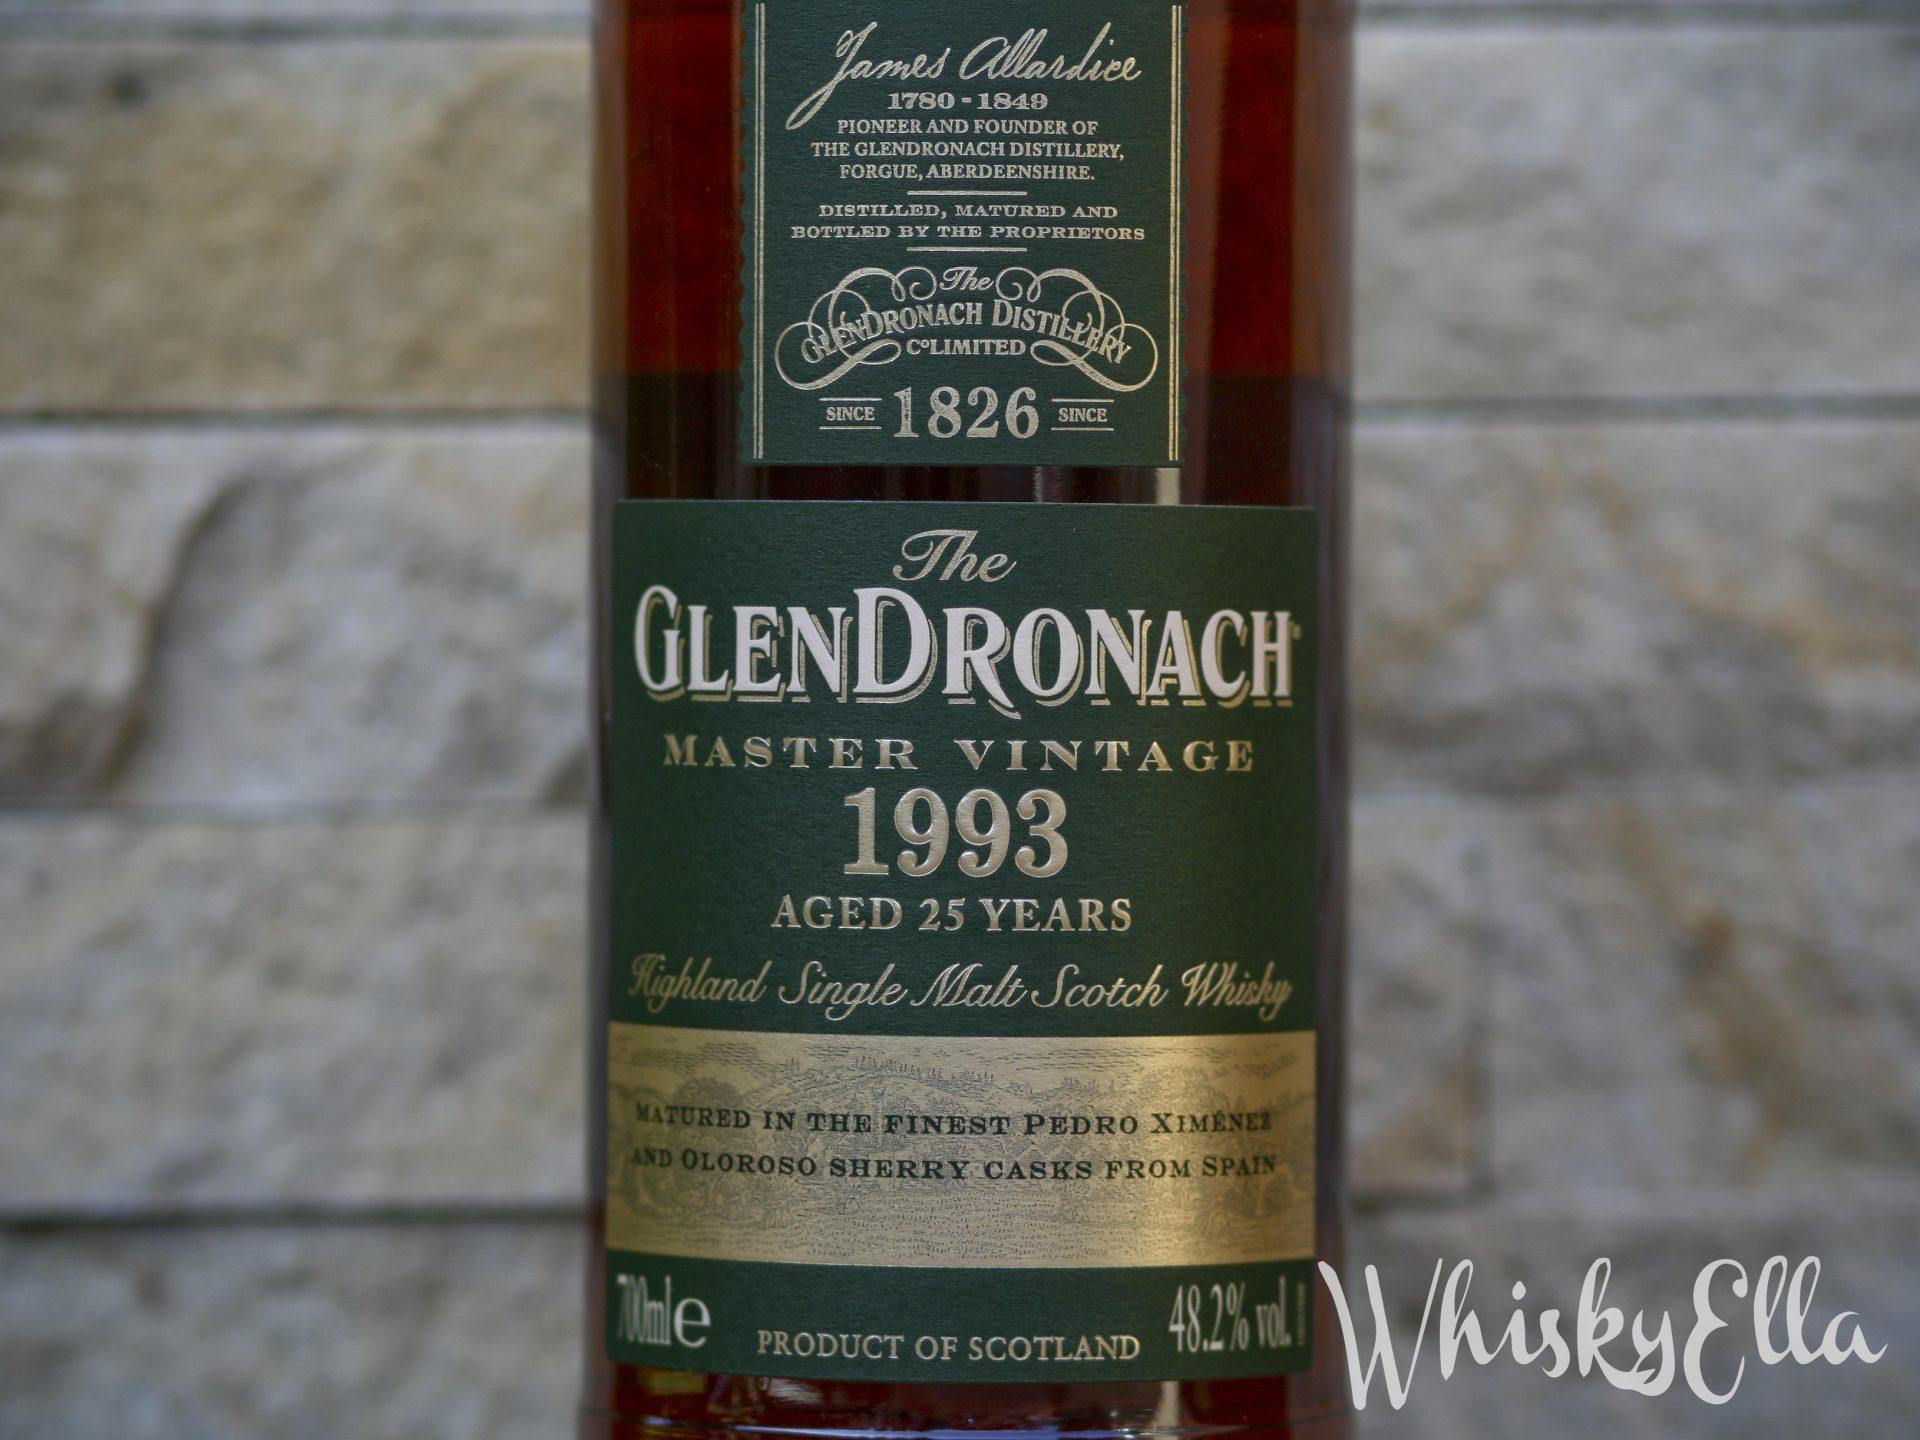 Nasza recenzja GlenDronach 1993 25yo Master Vintage butelkowany 29.01.2019 roku #78